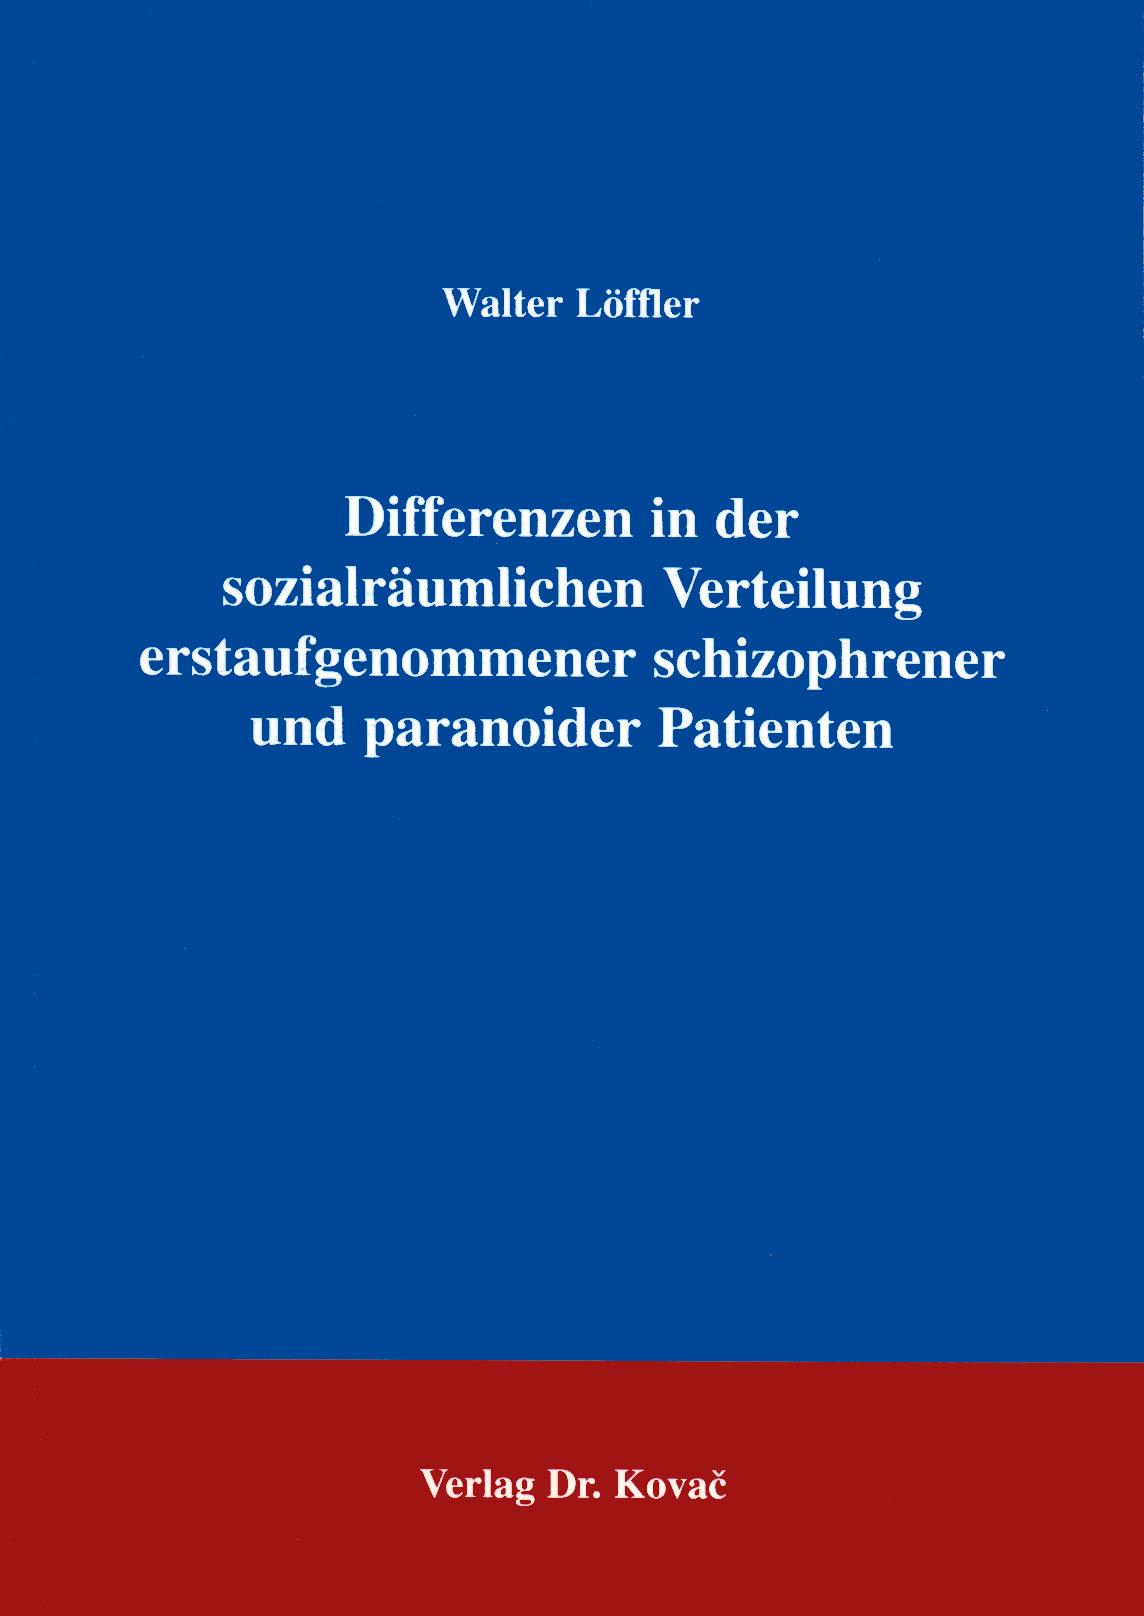 Cover: Differenzen in der sozialräumlichen Verteilung erstaufgenommener schizophrener und paranoider Patienten